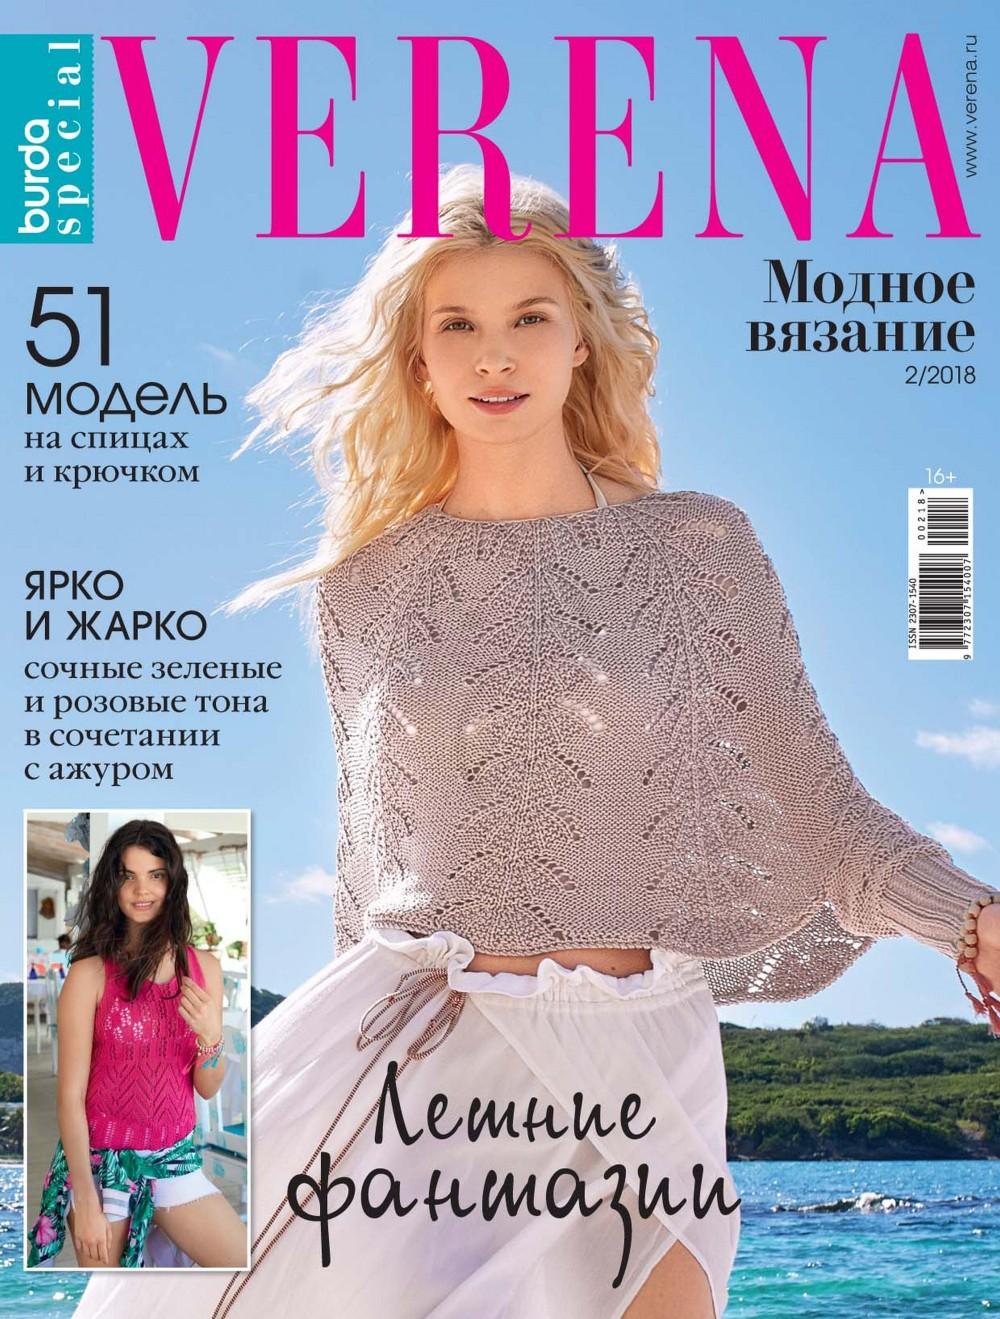 Журнал «Verena. Модное вязание» №2 2018г